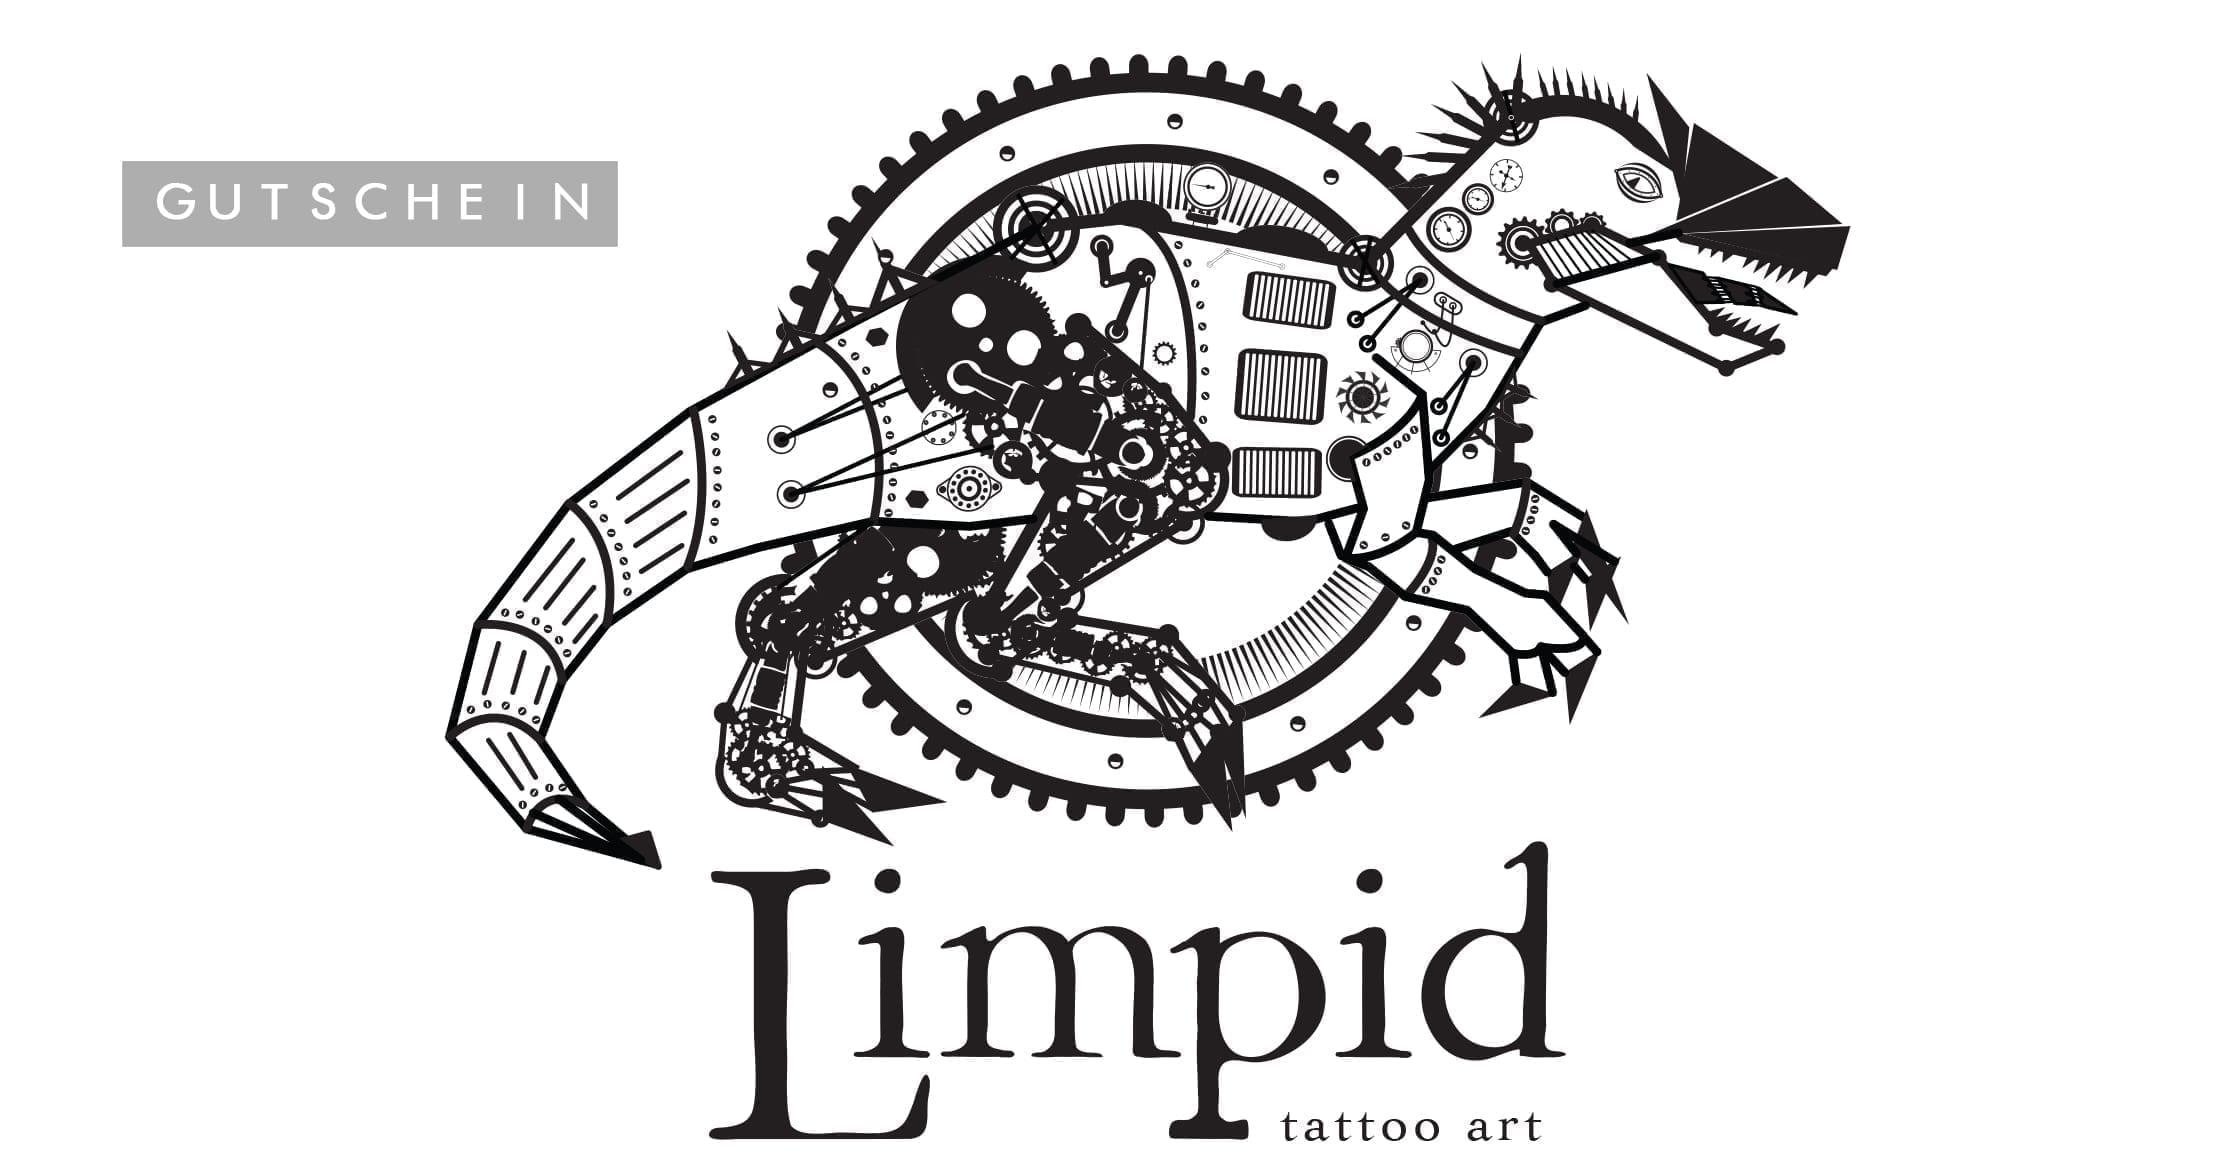 Limpid Tattoo Art Gutscheine